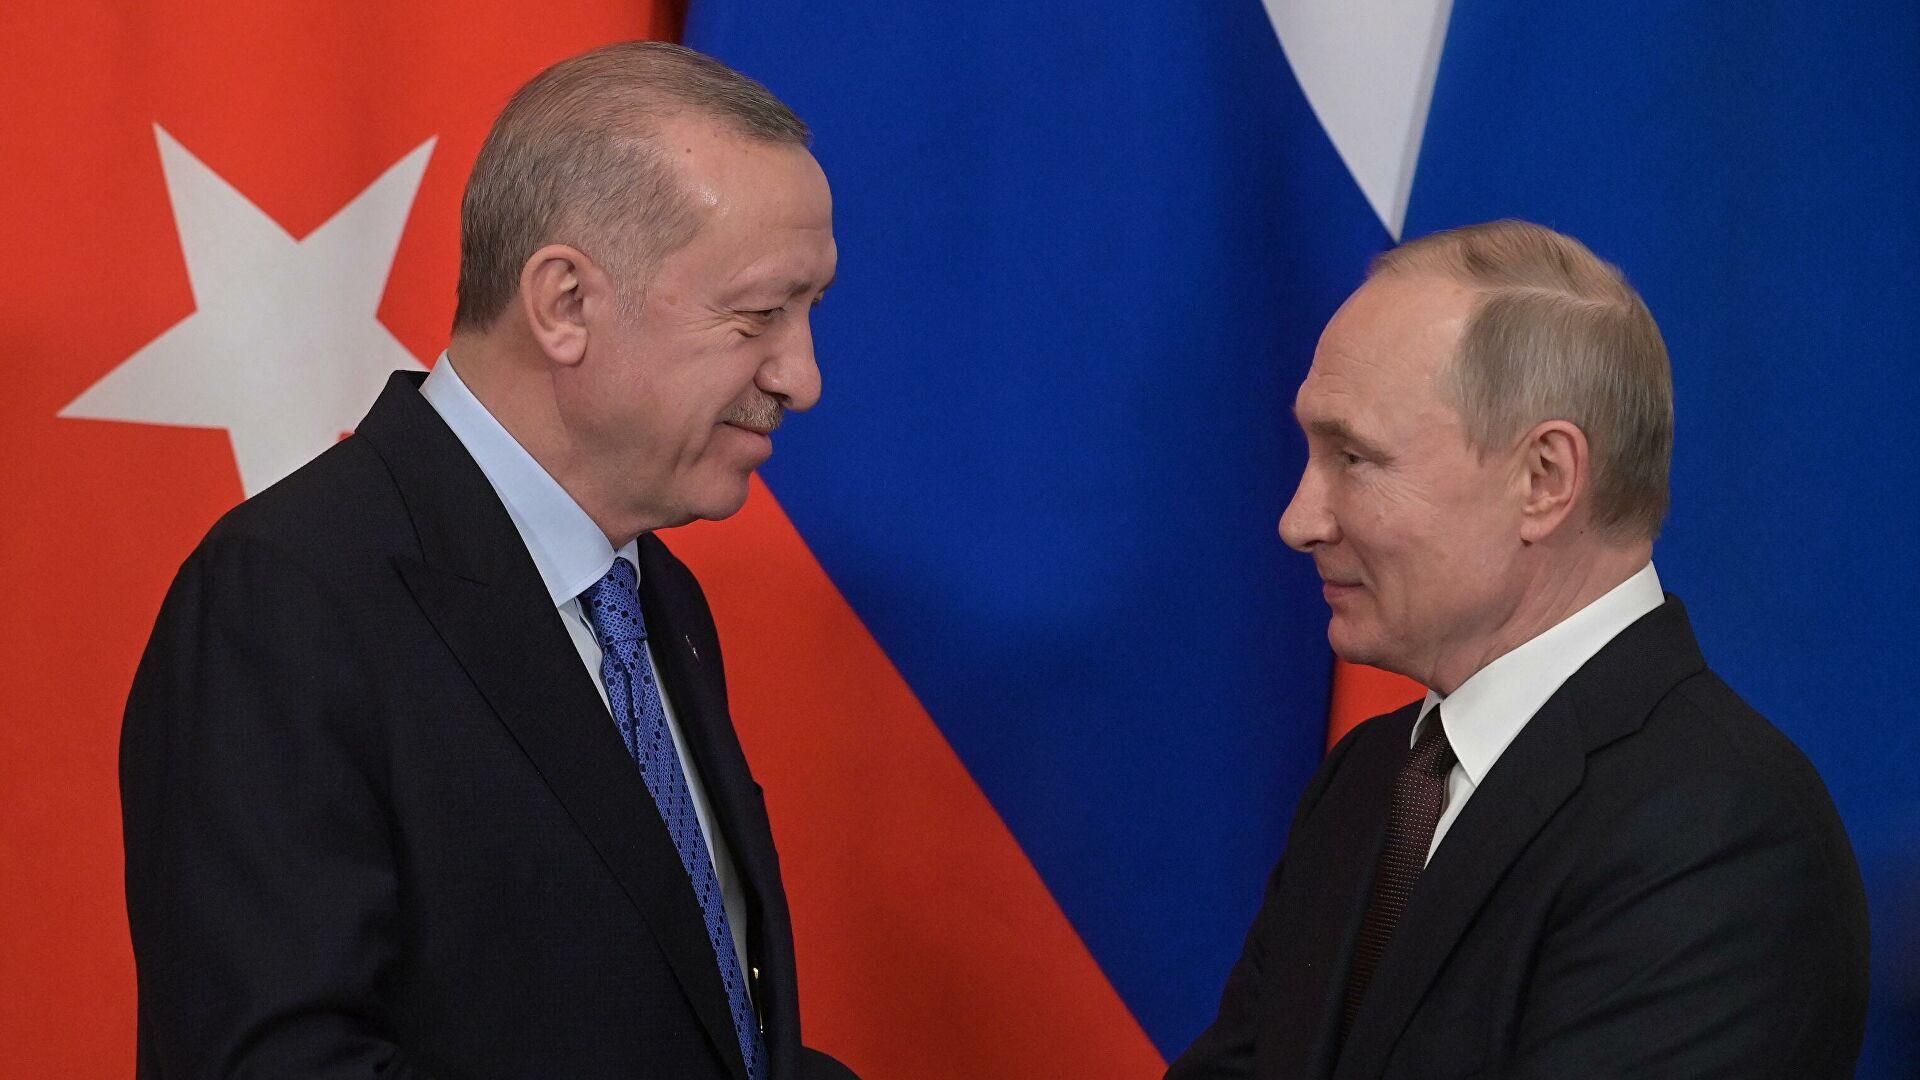 Путин: ведомства России иТурции научились находить выгодные обеим странам компромиссы